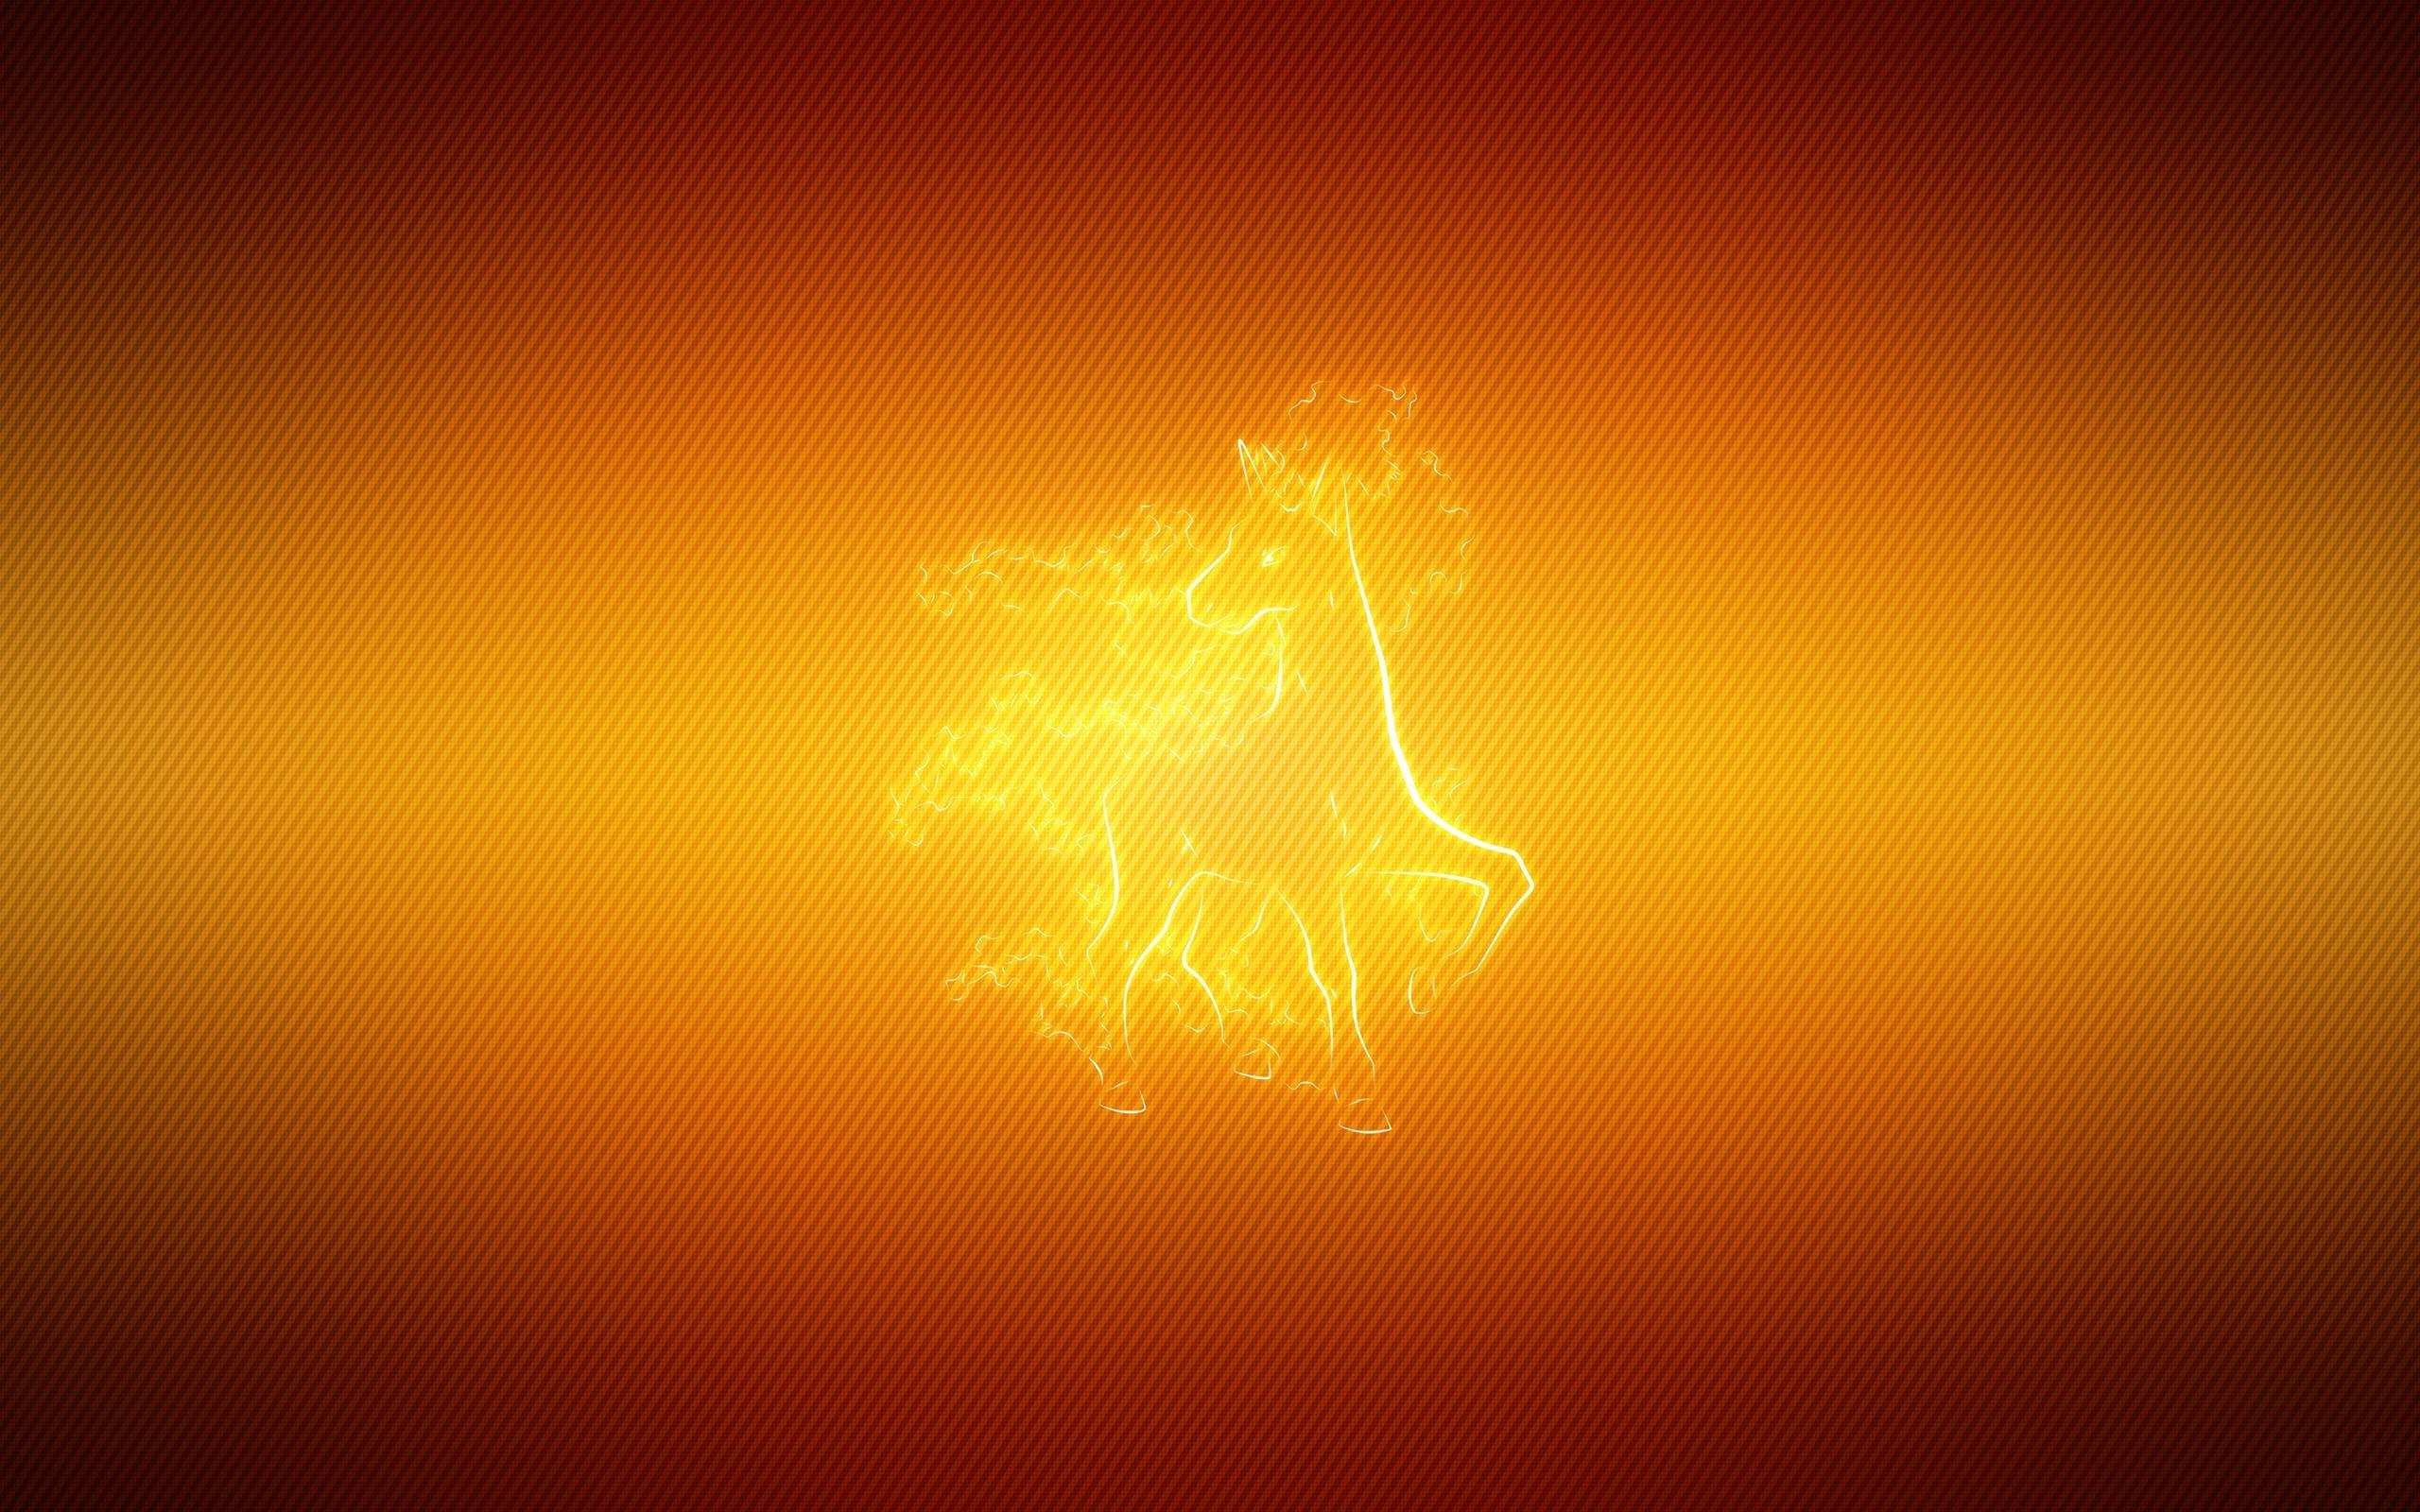 Sfondi Unicorni 42 immagini